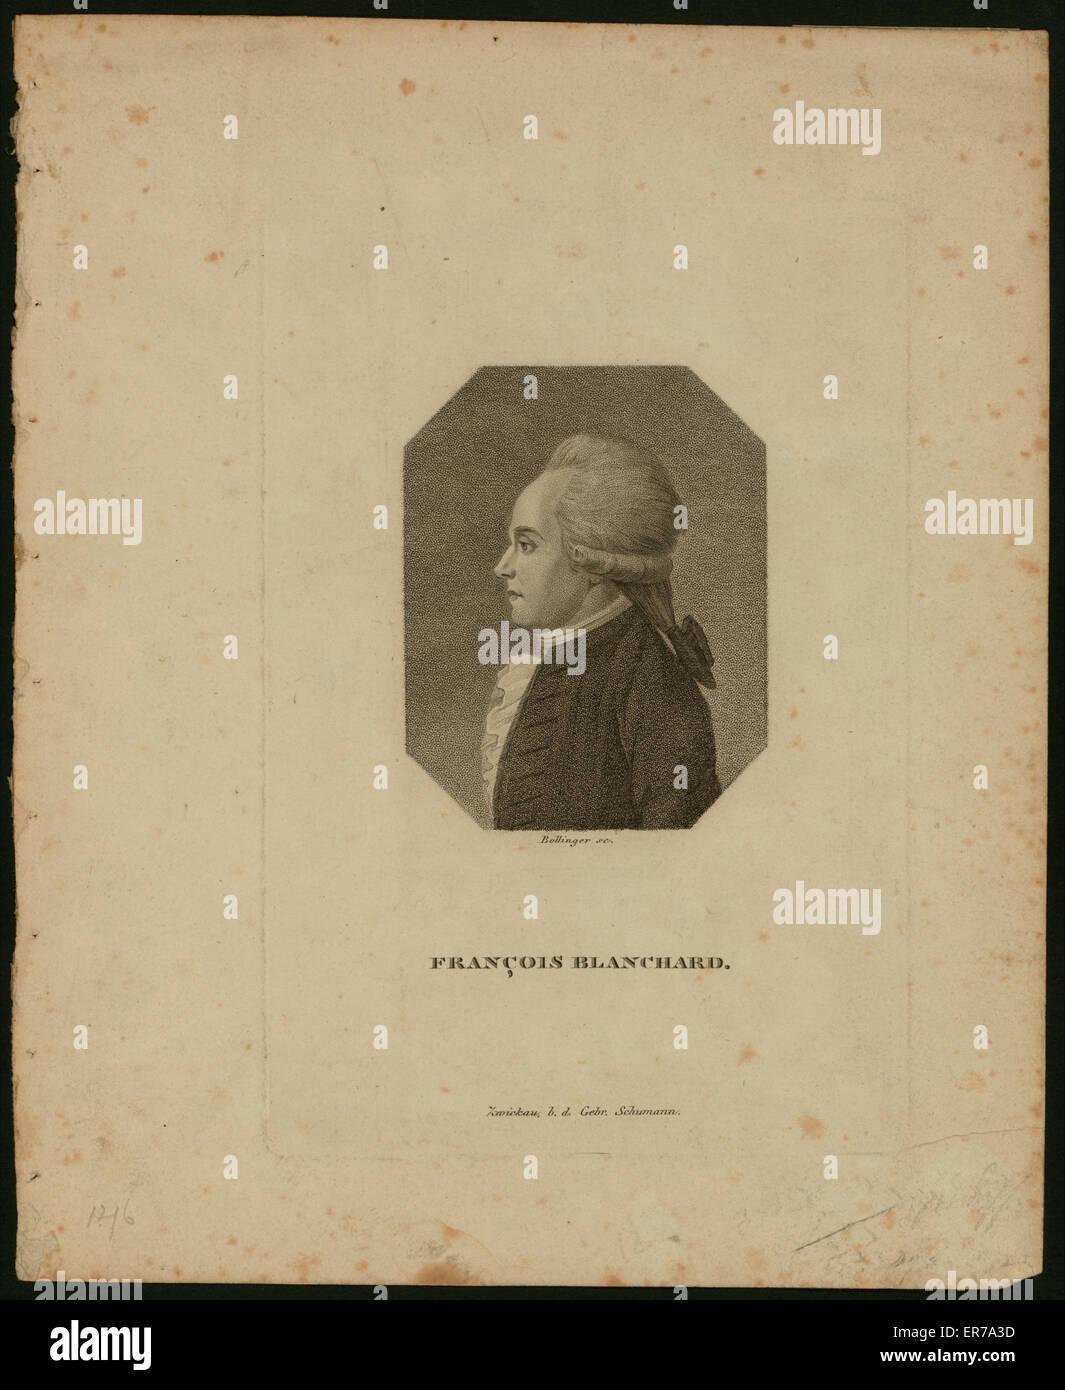 Porträt des französischen Ballonfahrer Jean-Pierre Blanchard. spätes 18. Jh. Stockfoto